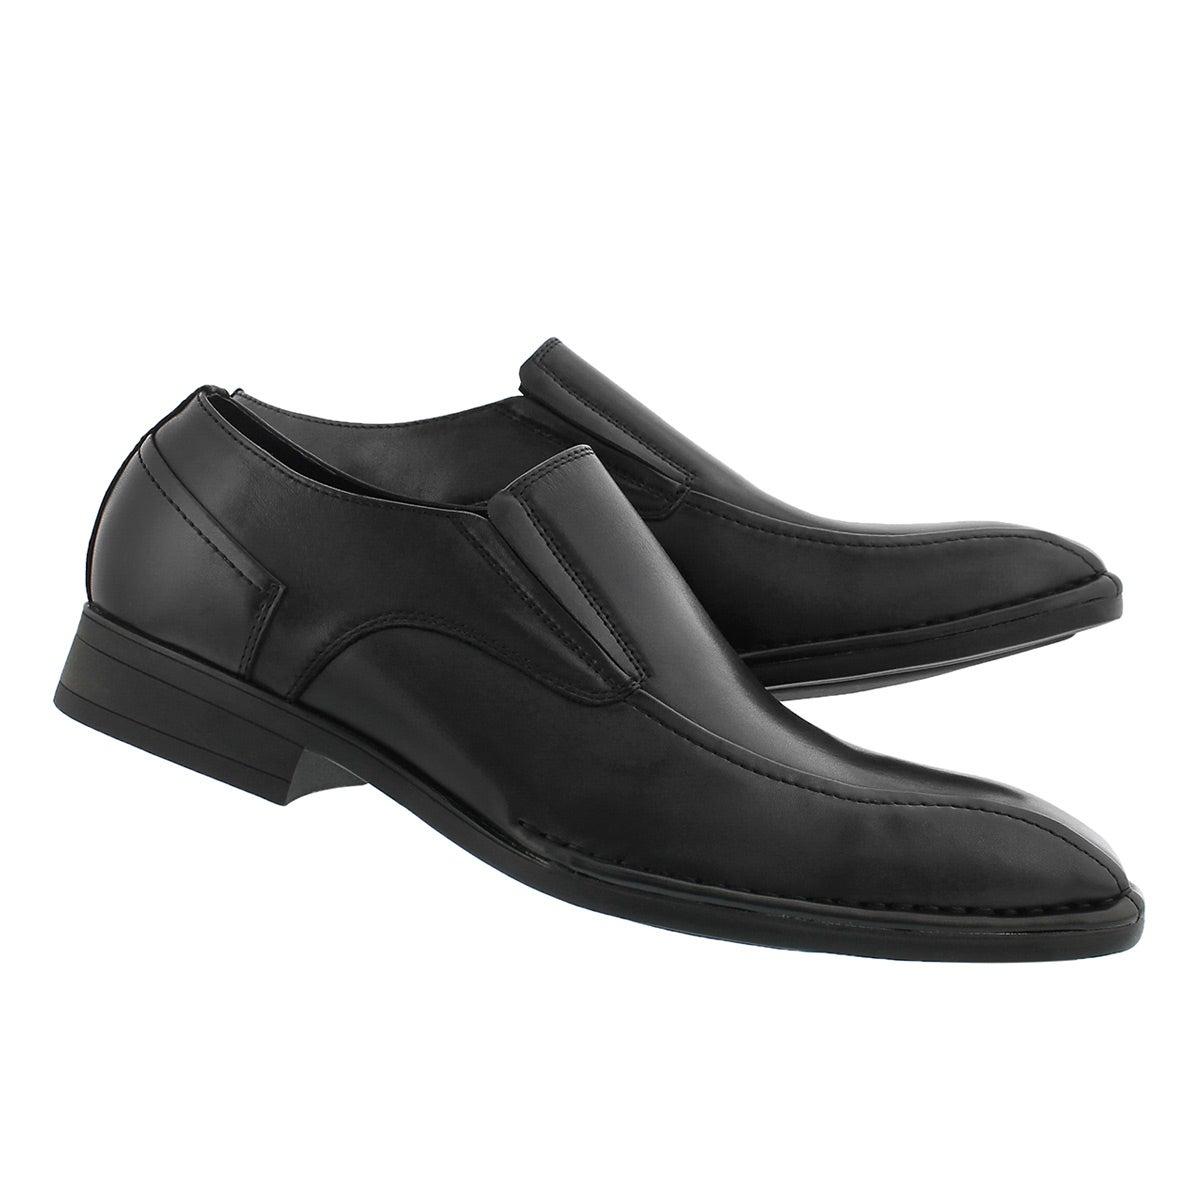 Mns Olivieri black dress loafer - Wide